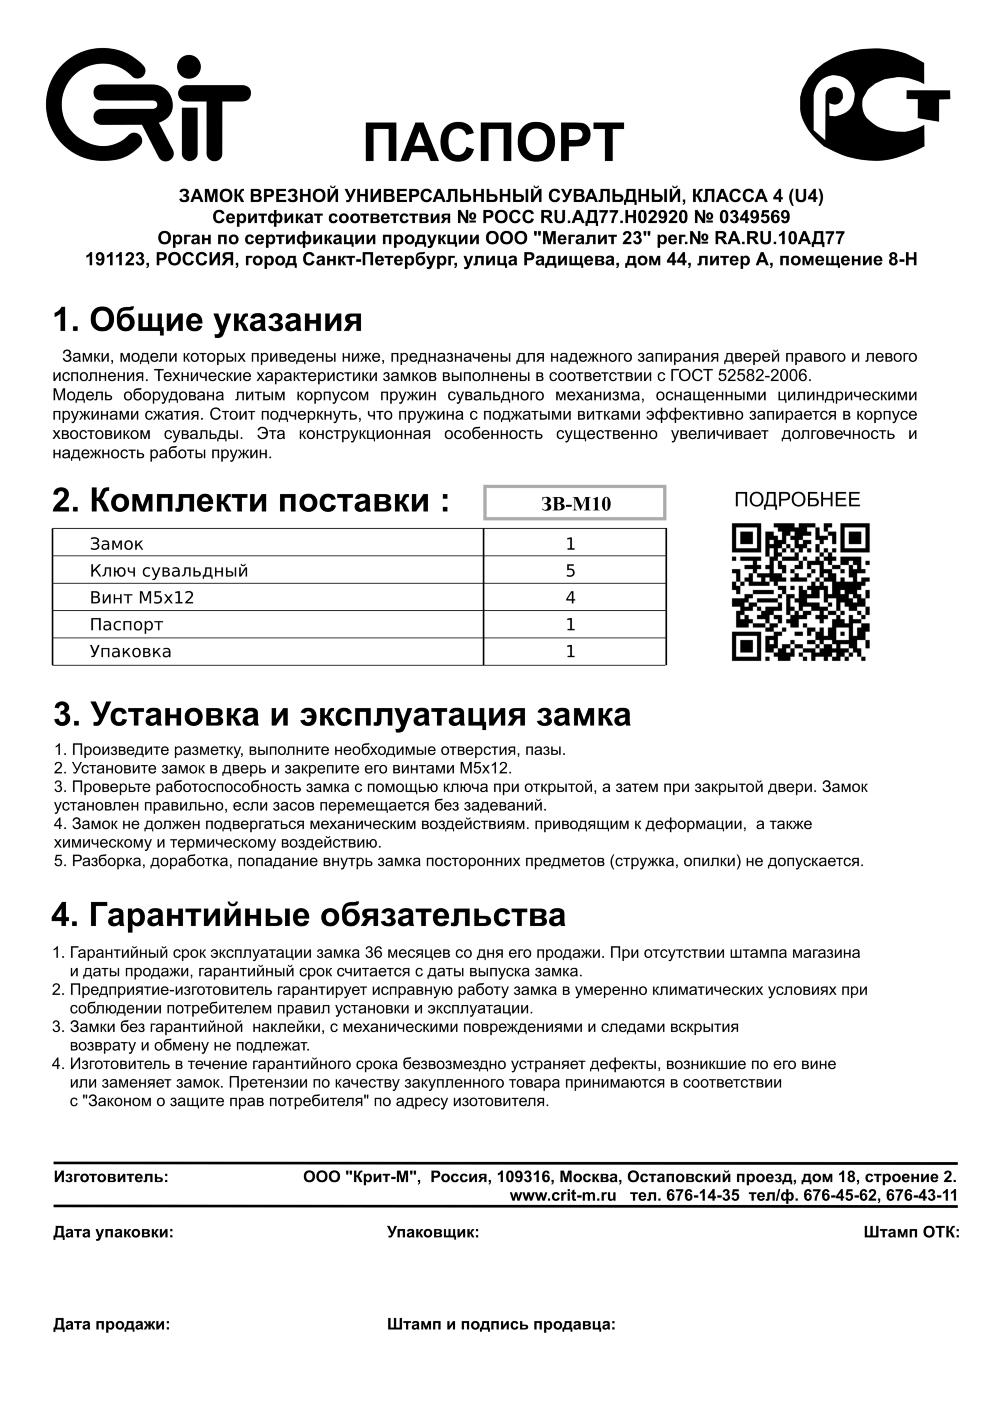 Паспорт изделия замок М10 стр1